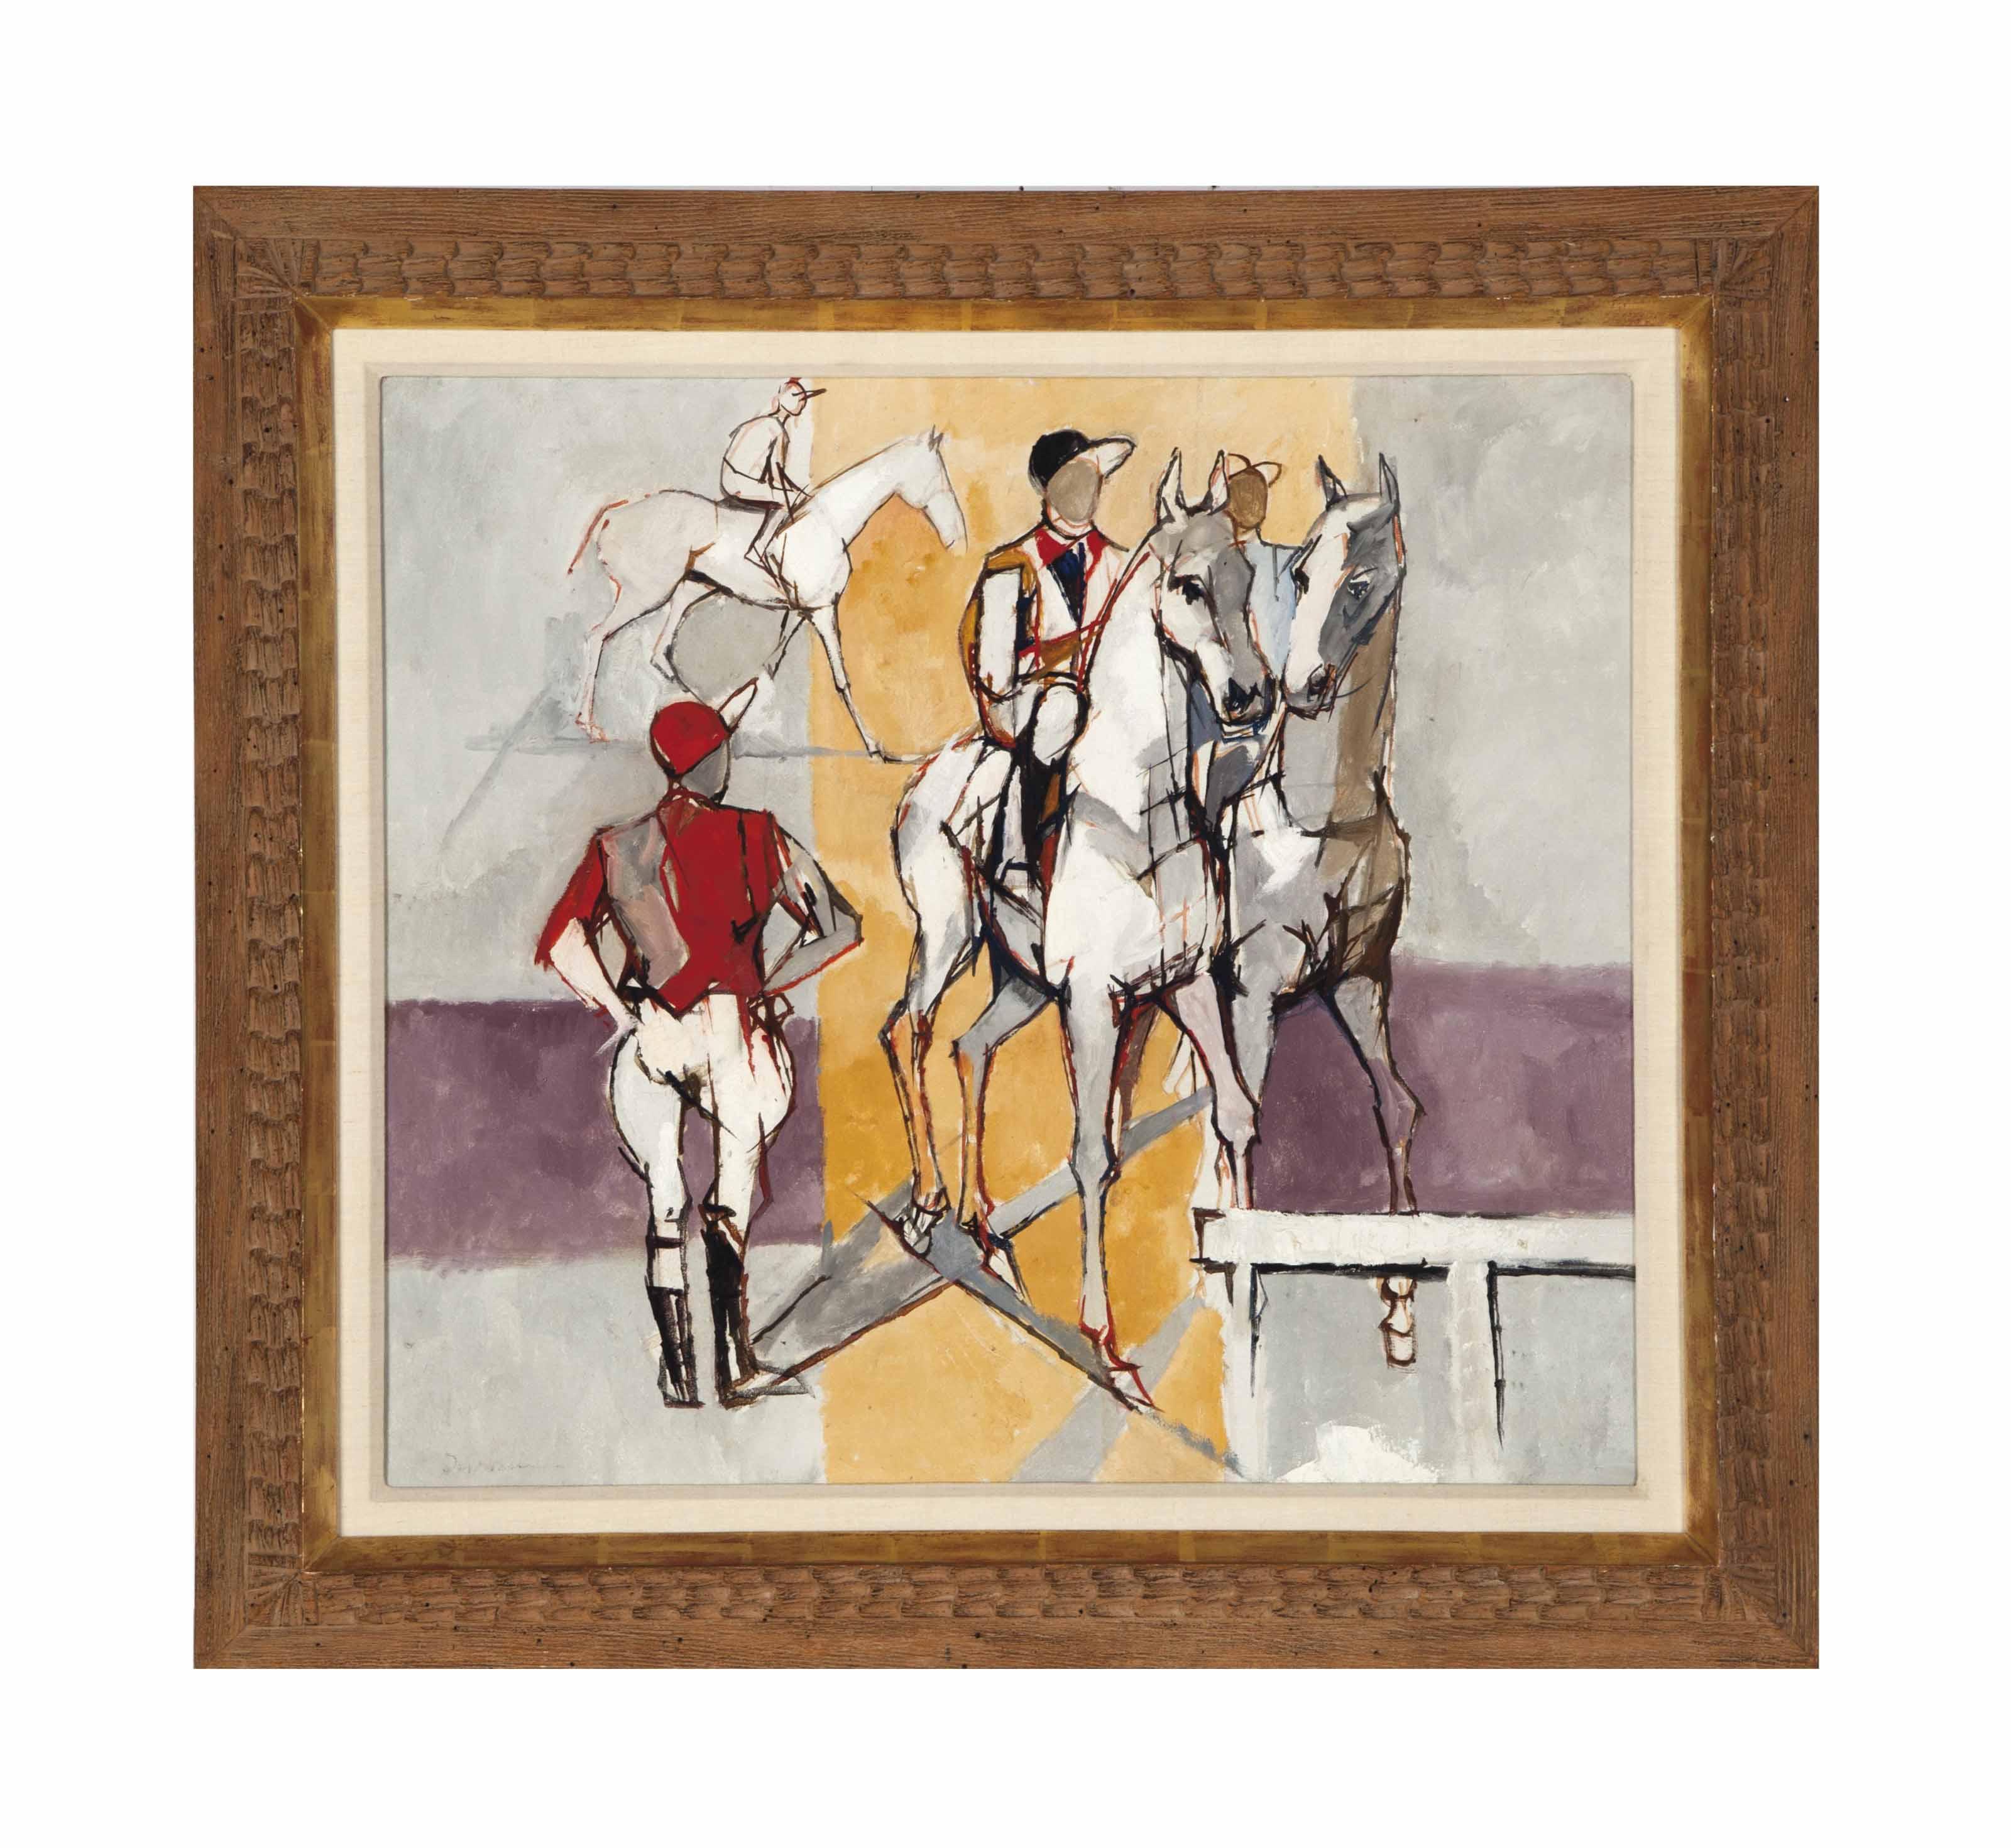 Untitled (Jockeys and Horses)